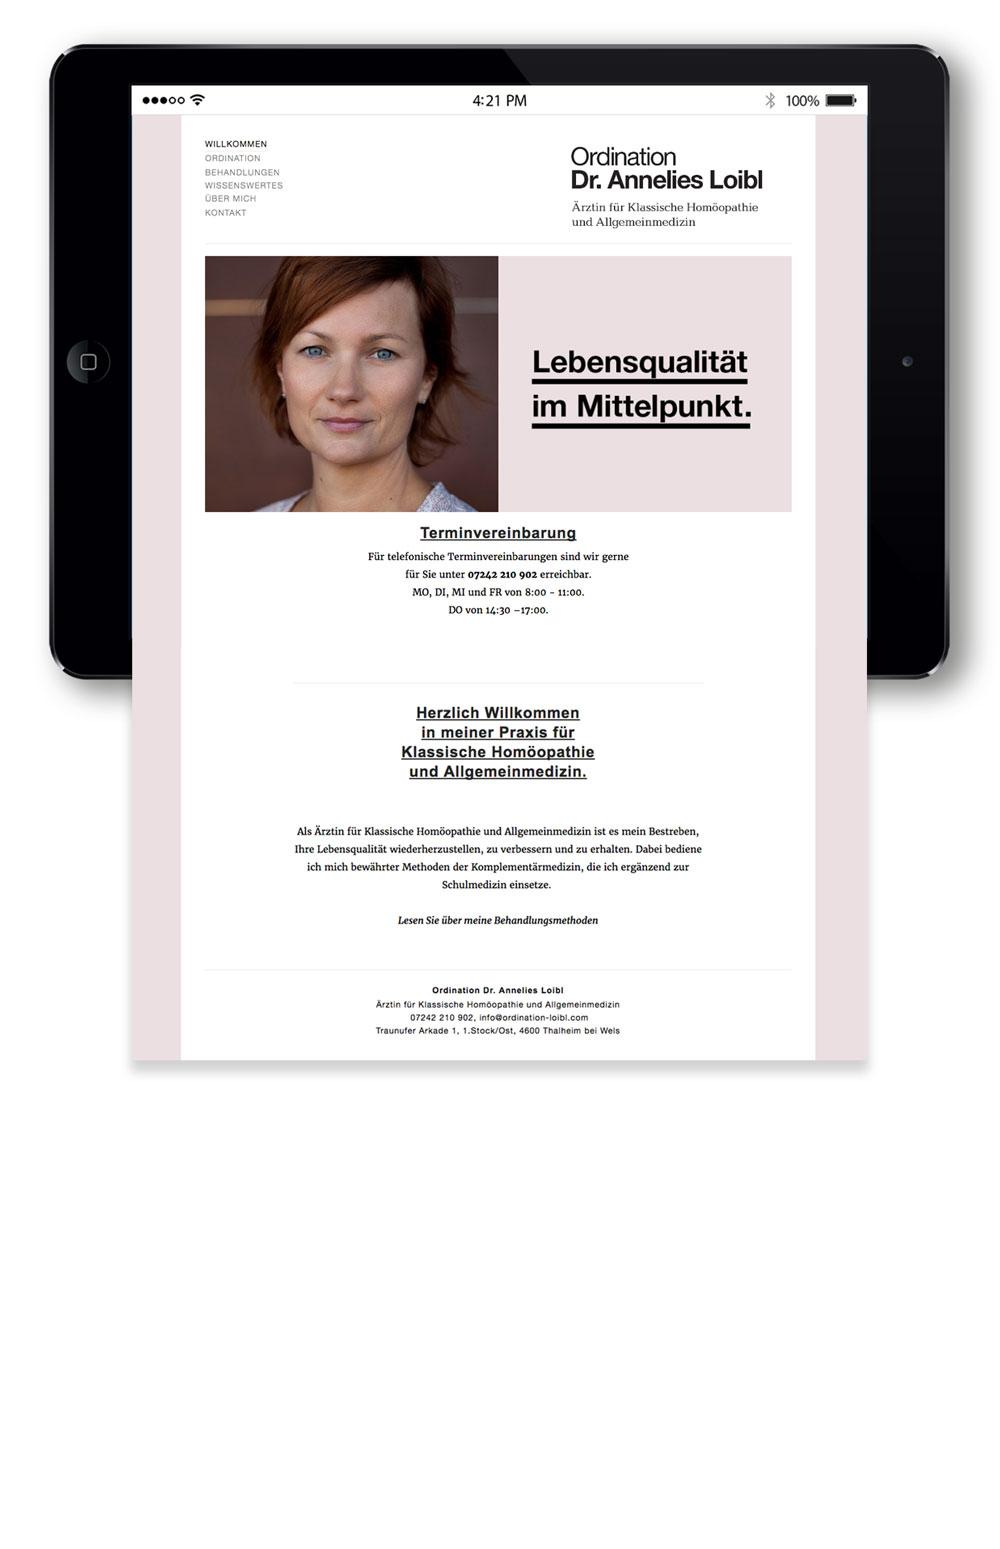 homepage-1-ordination-dr-annelies-loibl-designkitchen.jpg